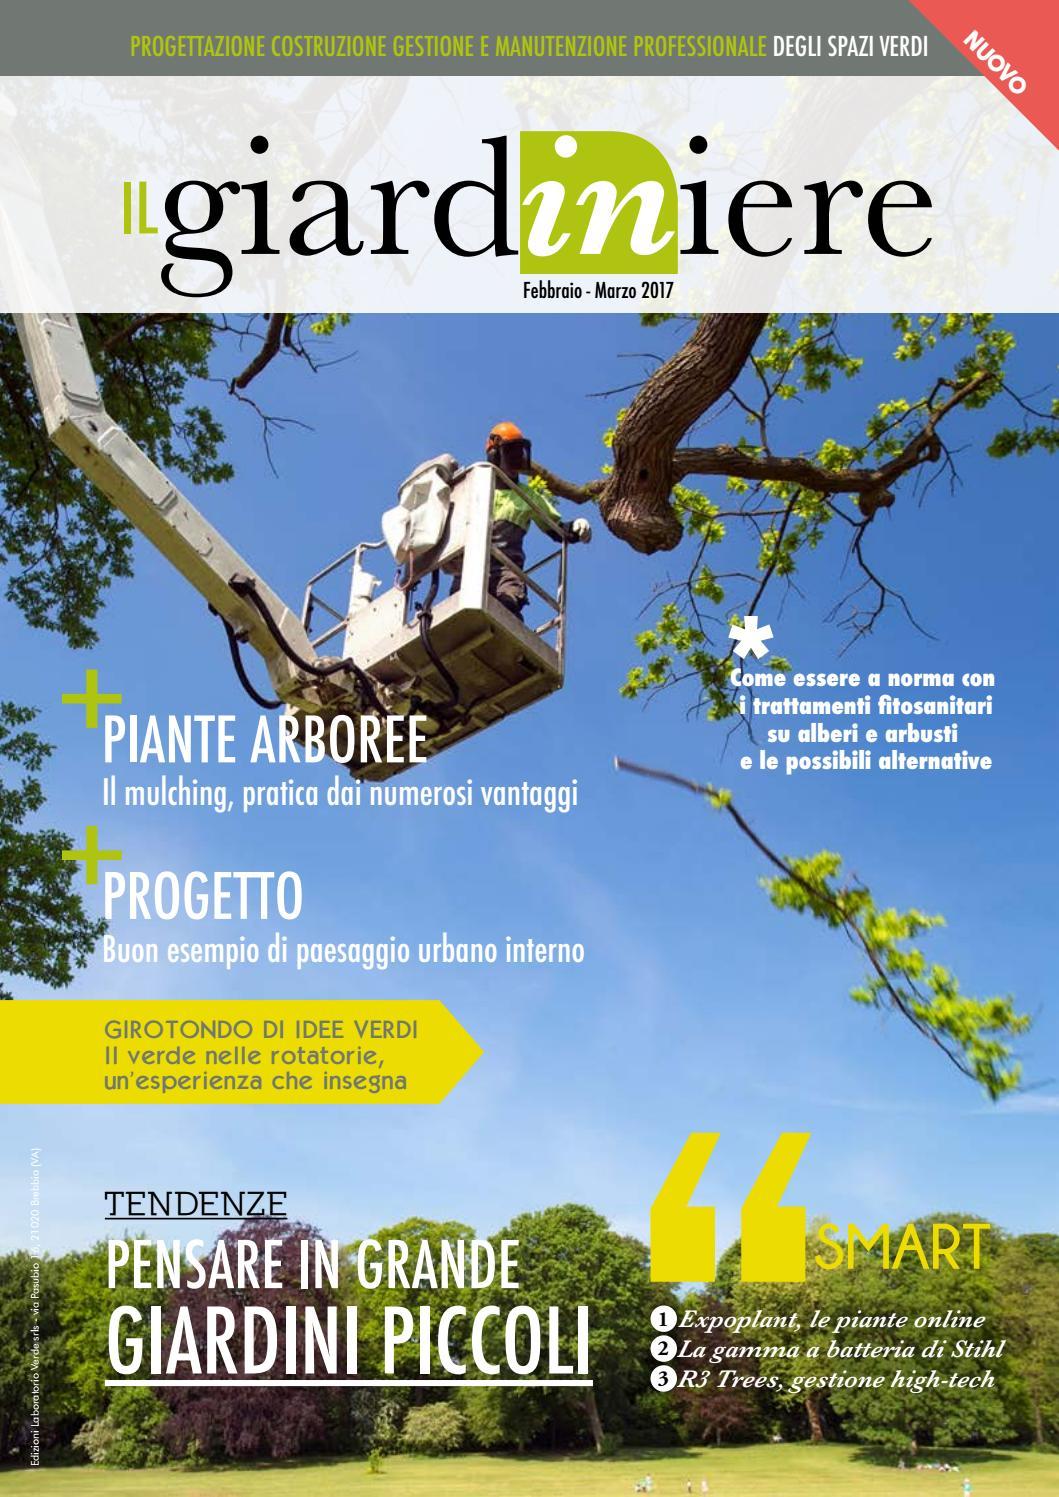 Manutenzione Giardini Milano E Provincia il giardiniere 003 - febbraio - marzo 2017 by edizioni